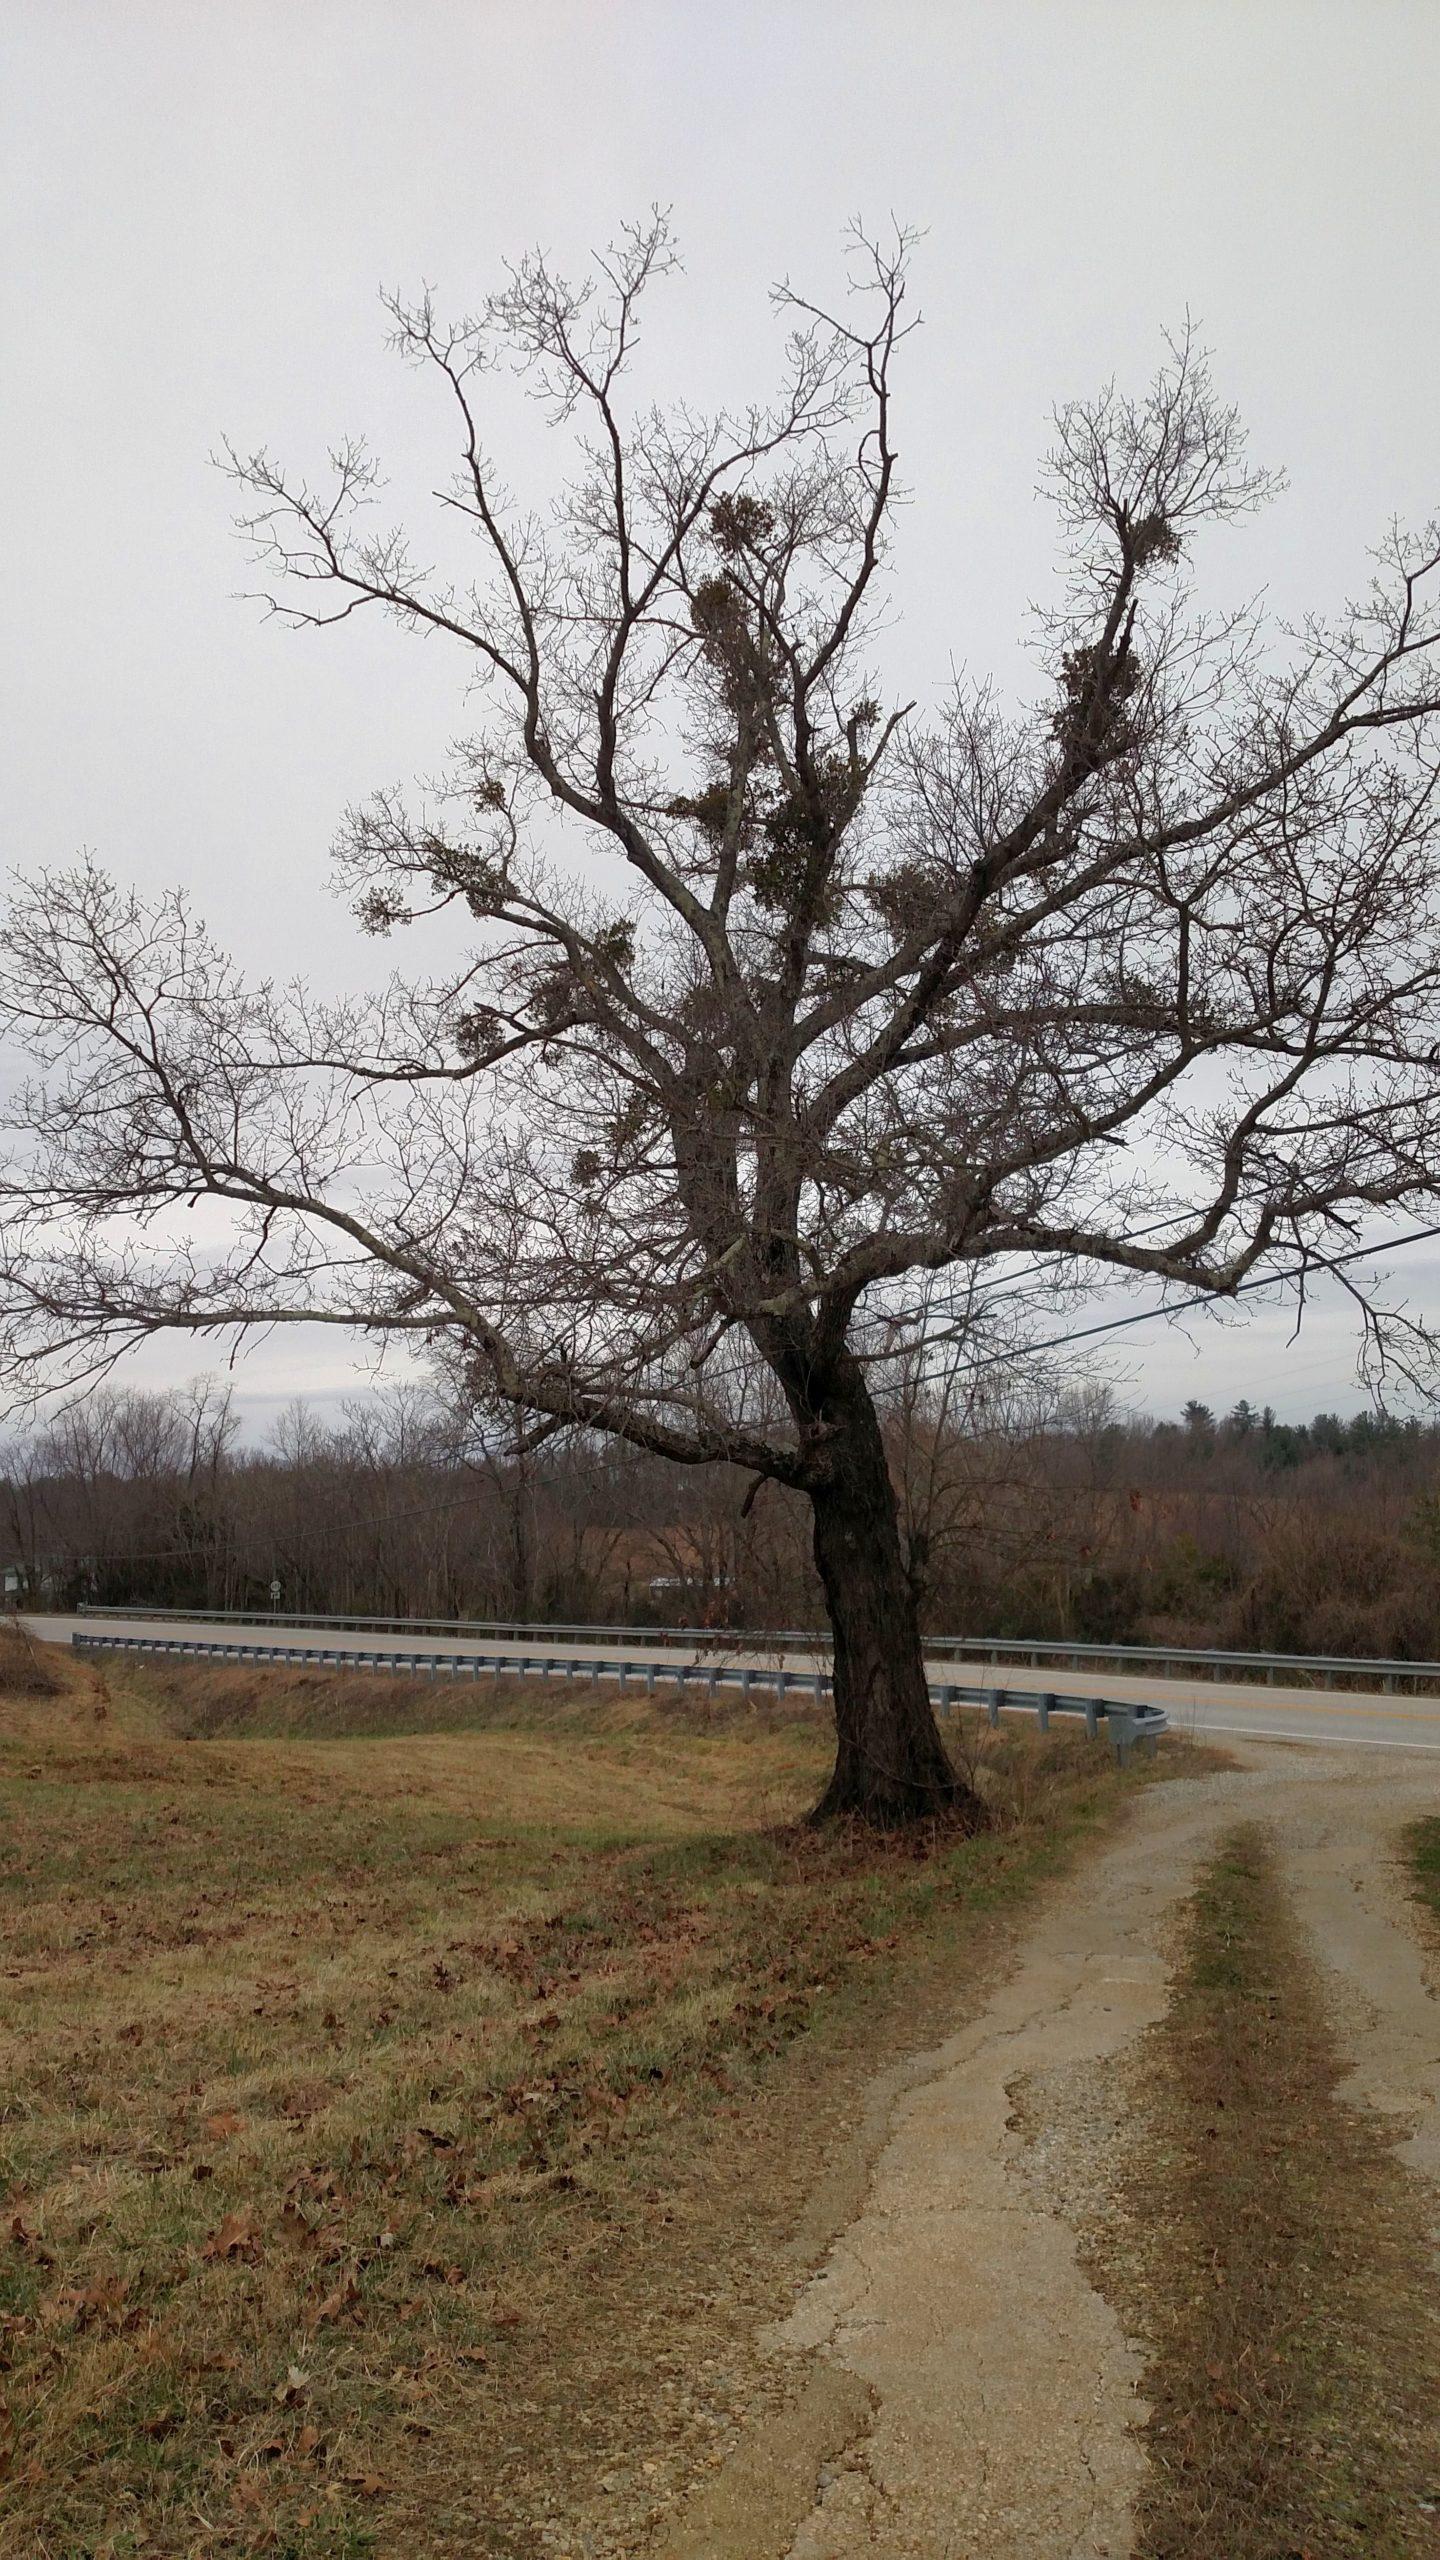 Mistletoe in a tree.